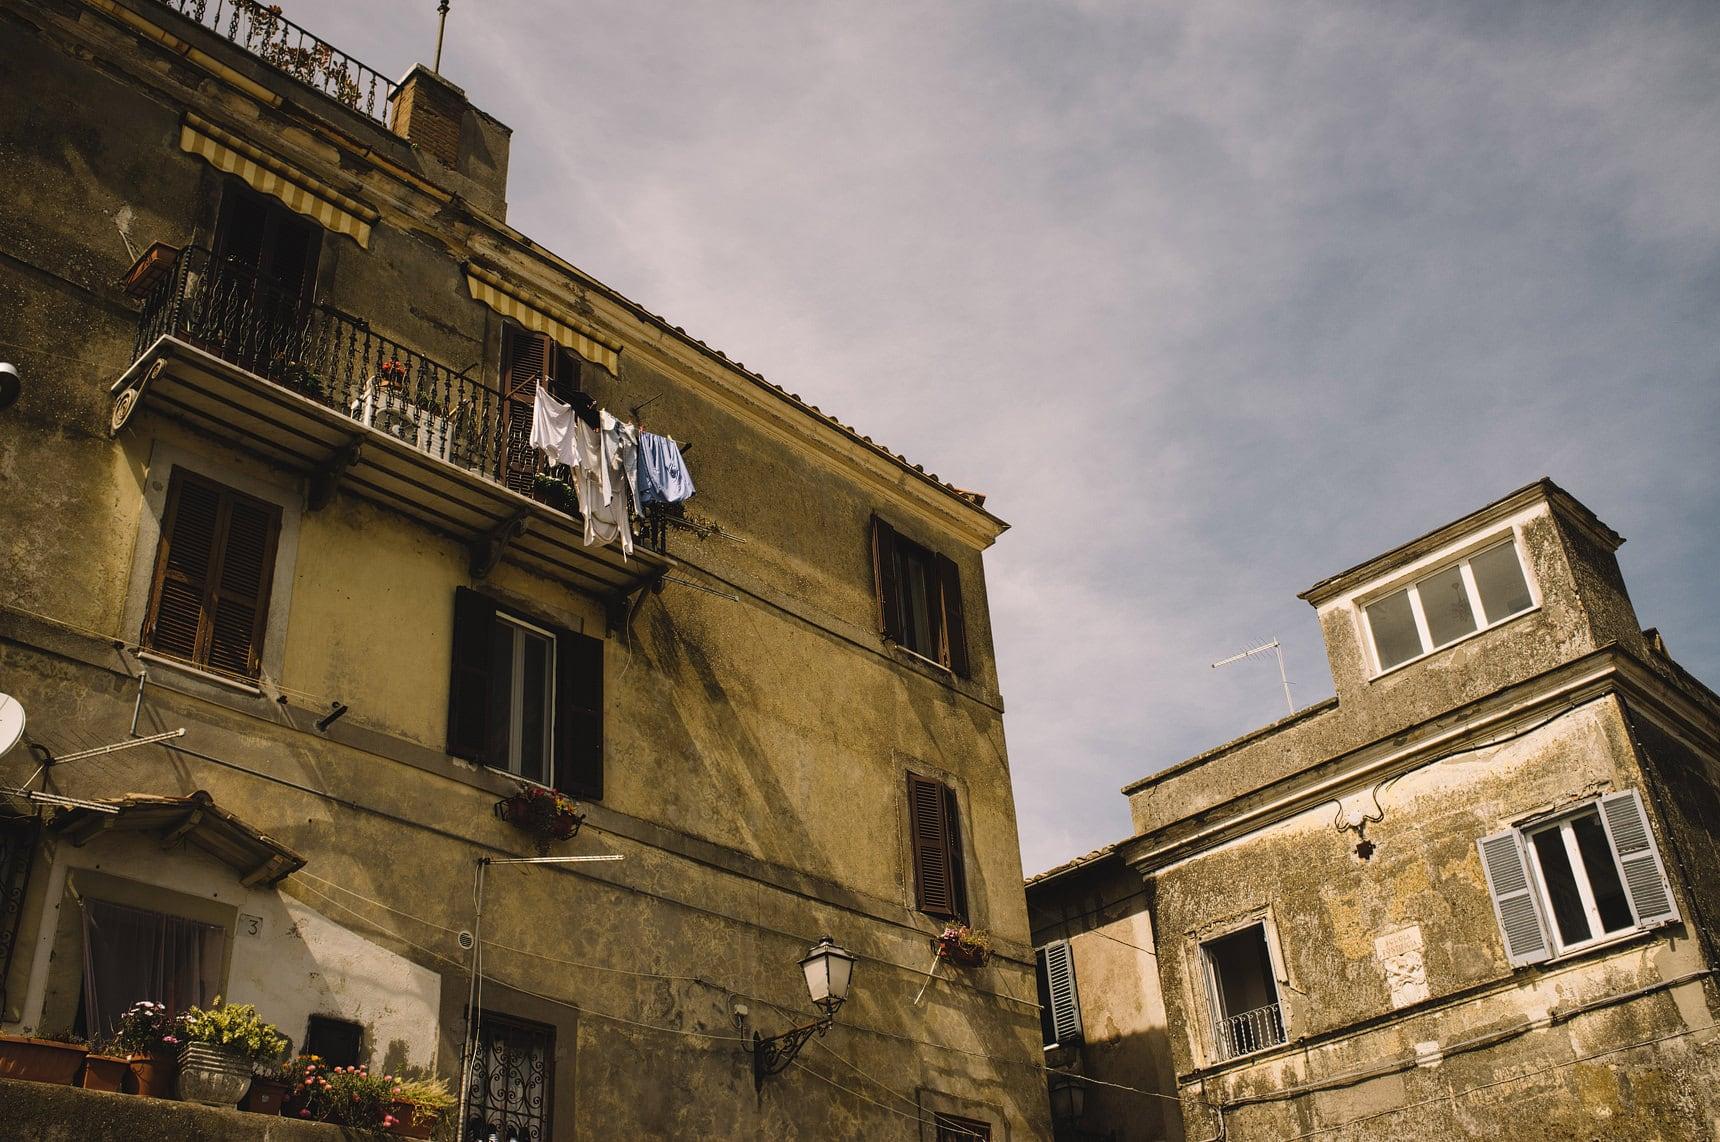 albano laziale town italy